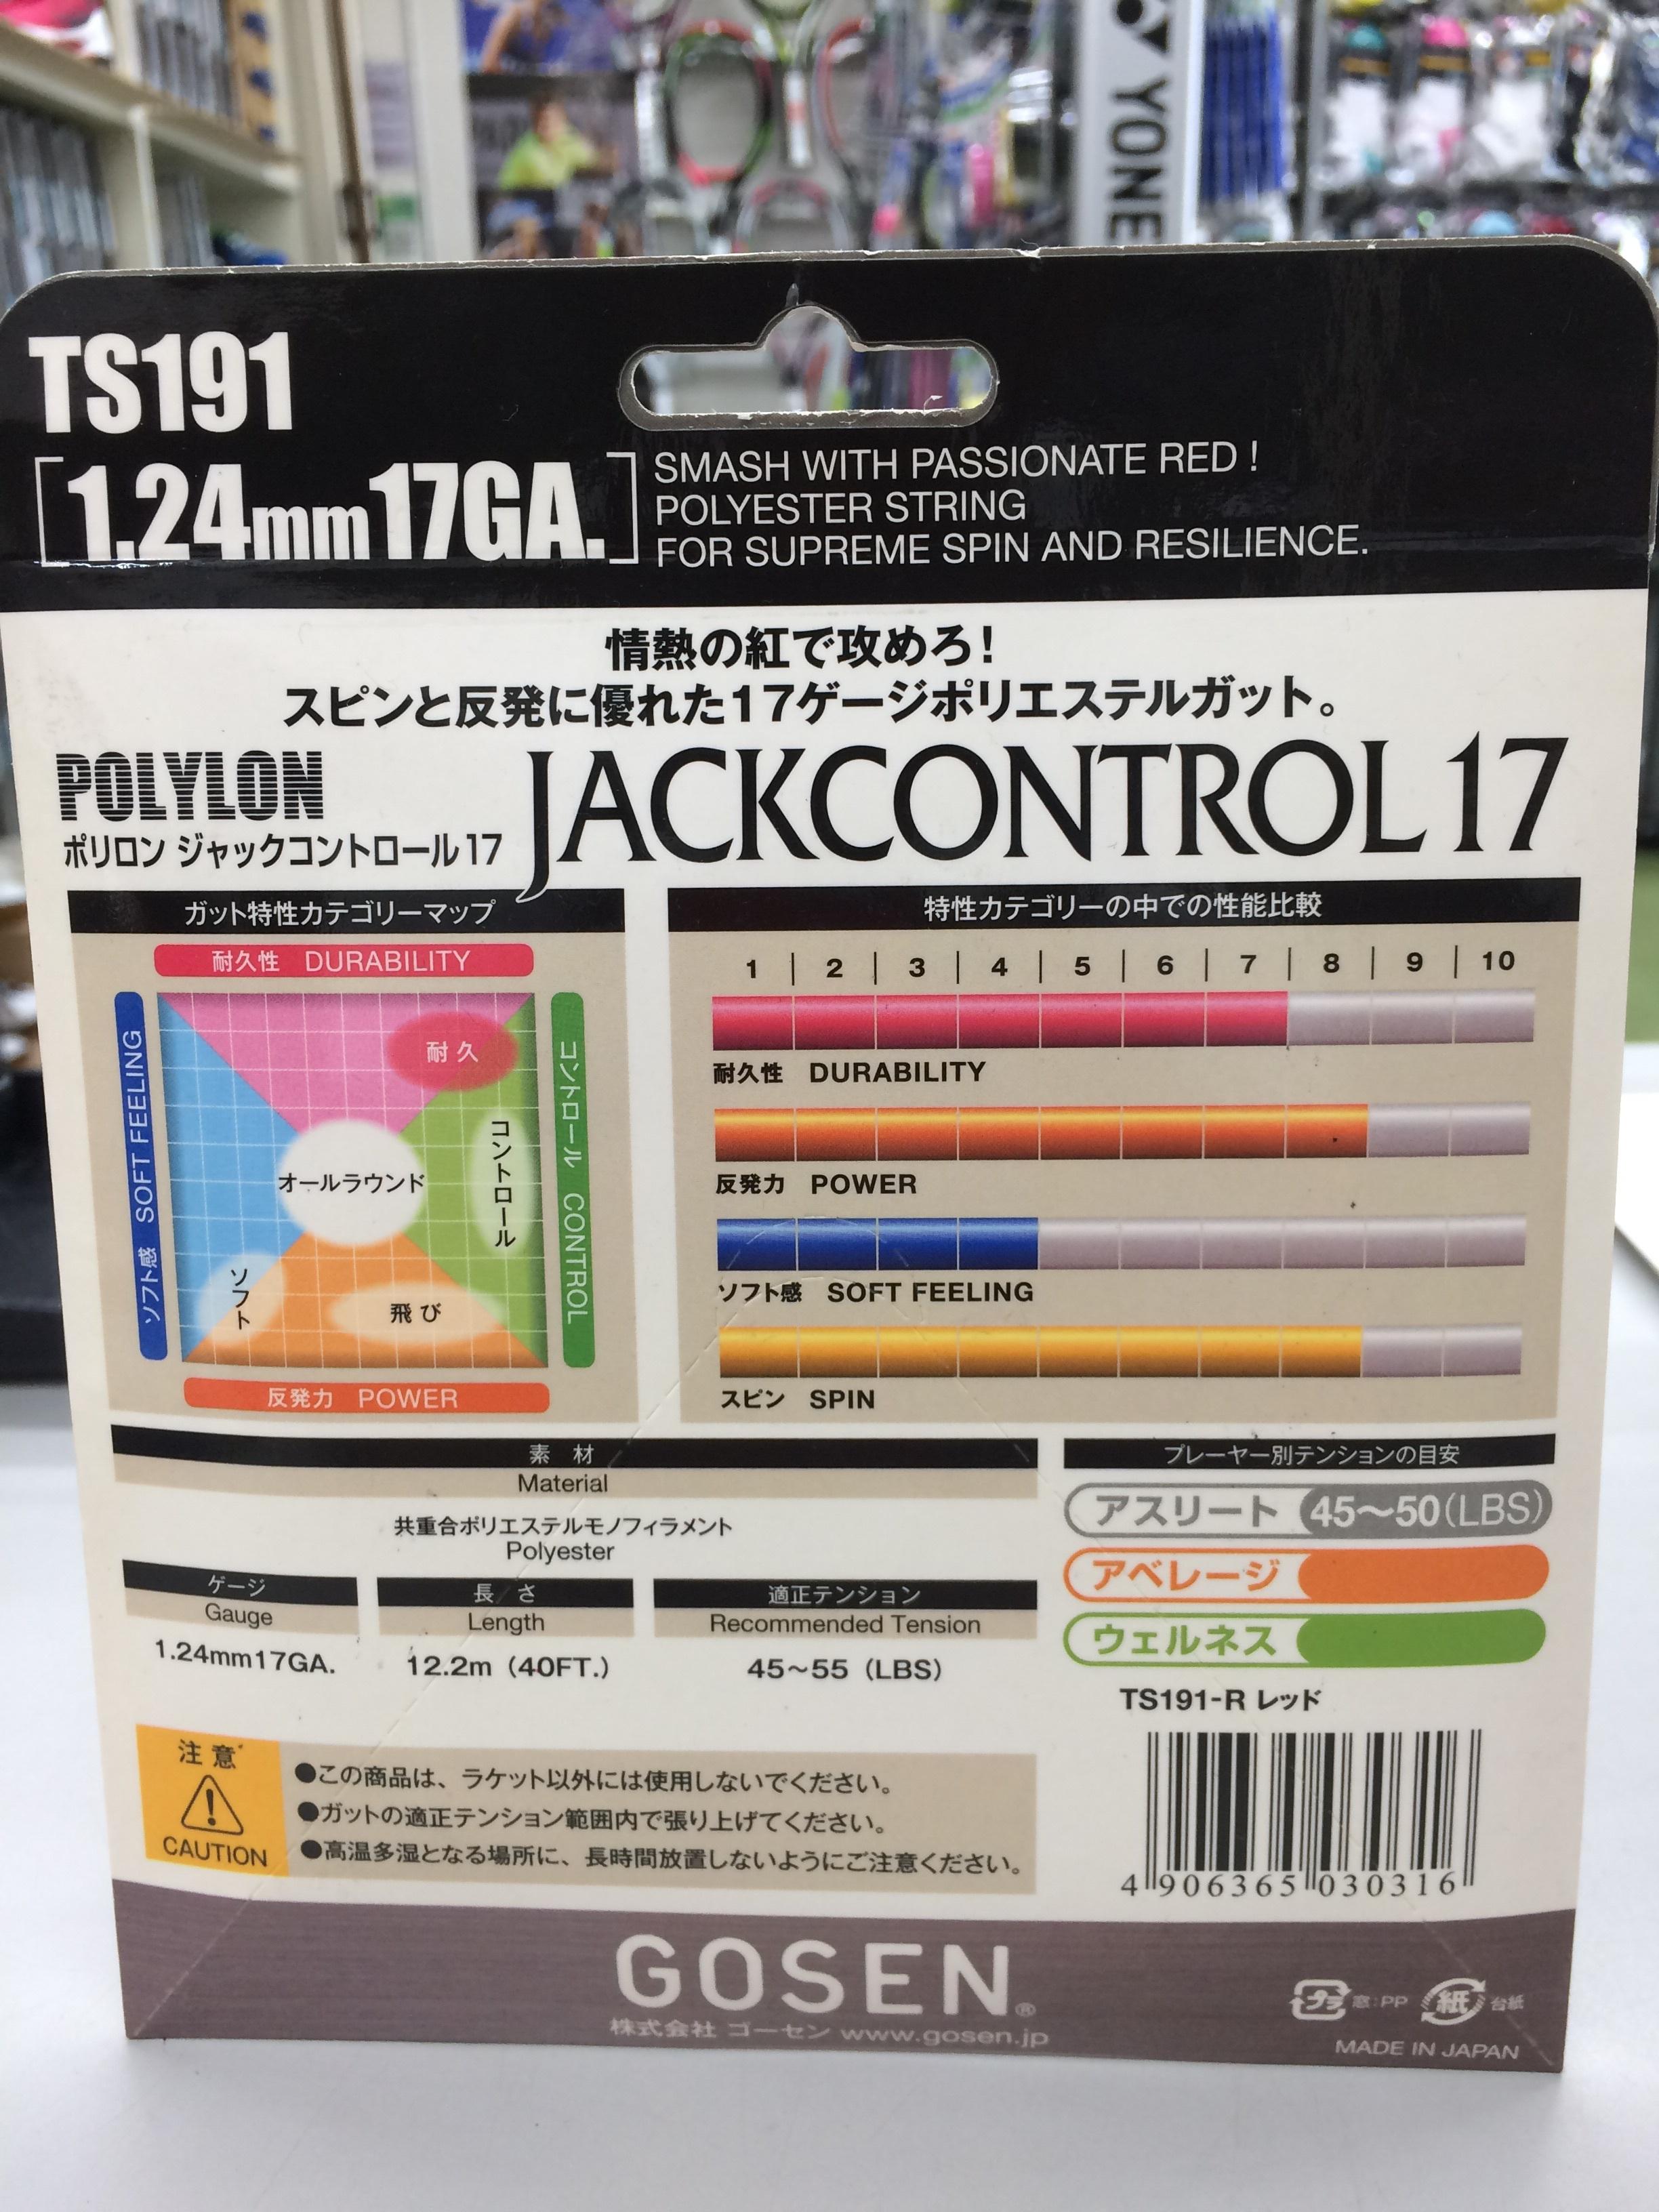 ゴーセン ジャックコントロール17 - 画像2